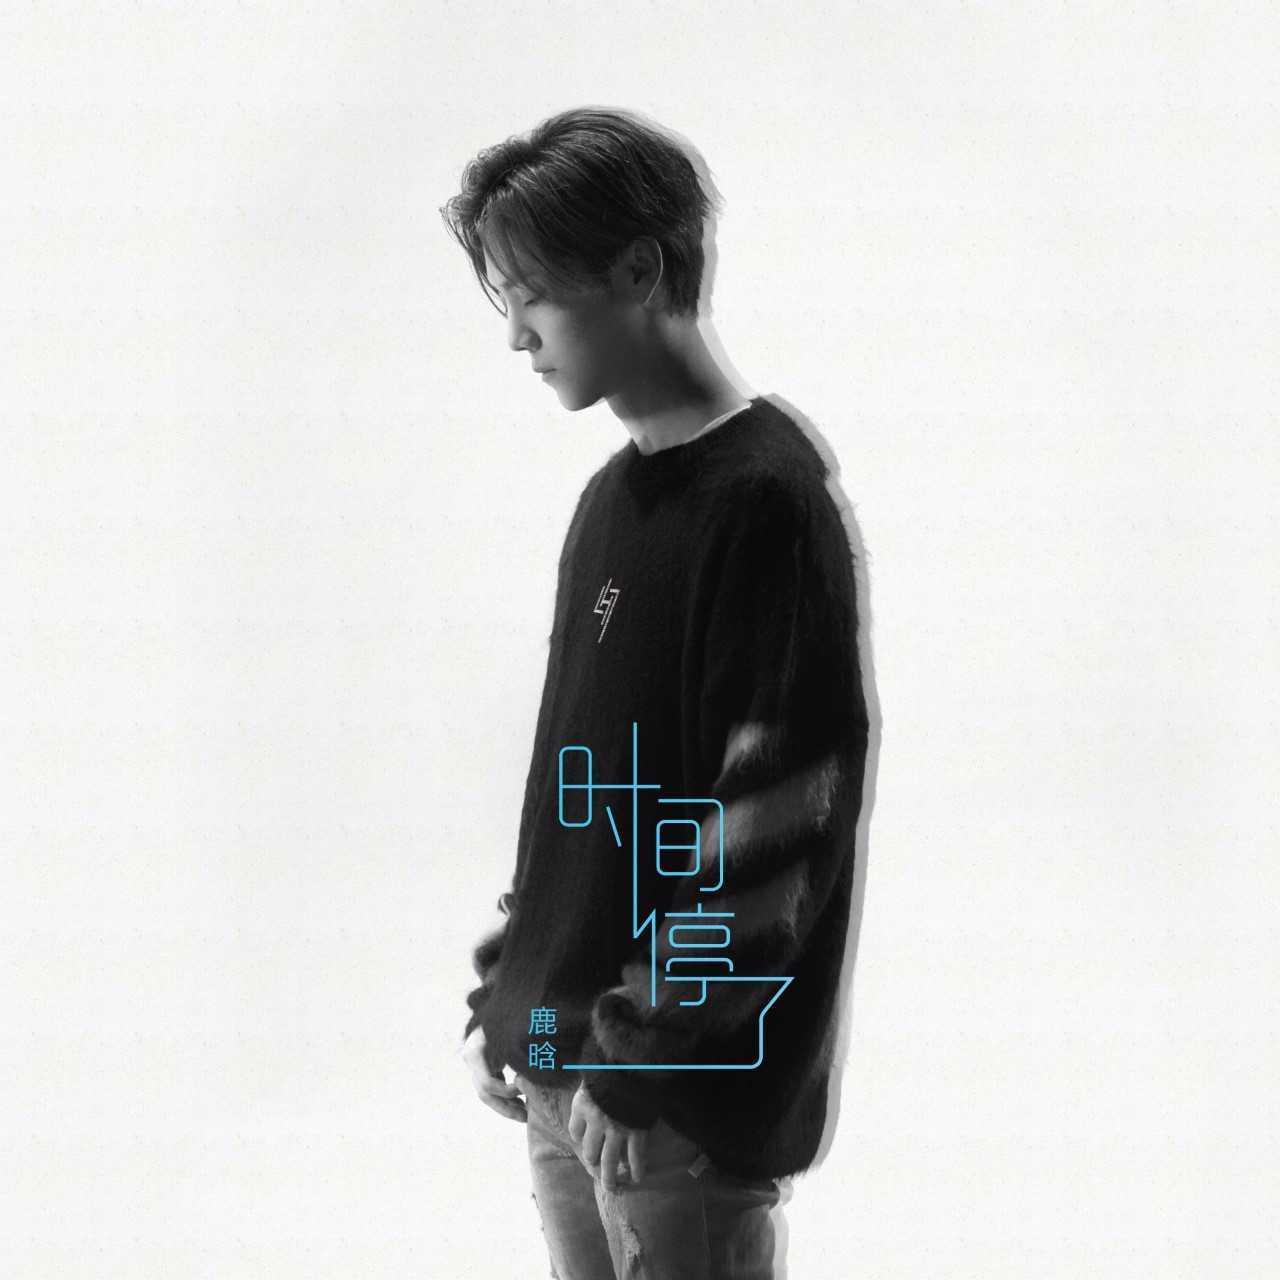 鹿晗新歌《時間停了》首發 溫暖聲線詮釋成長命題